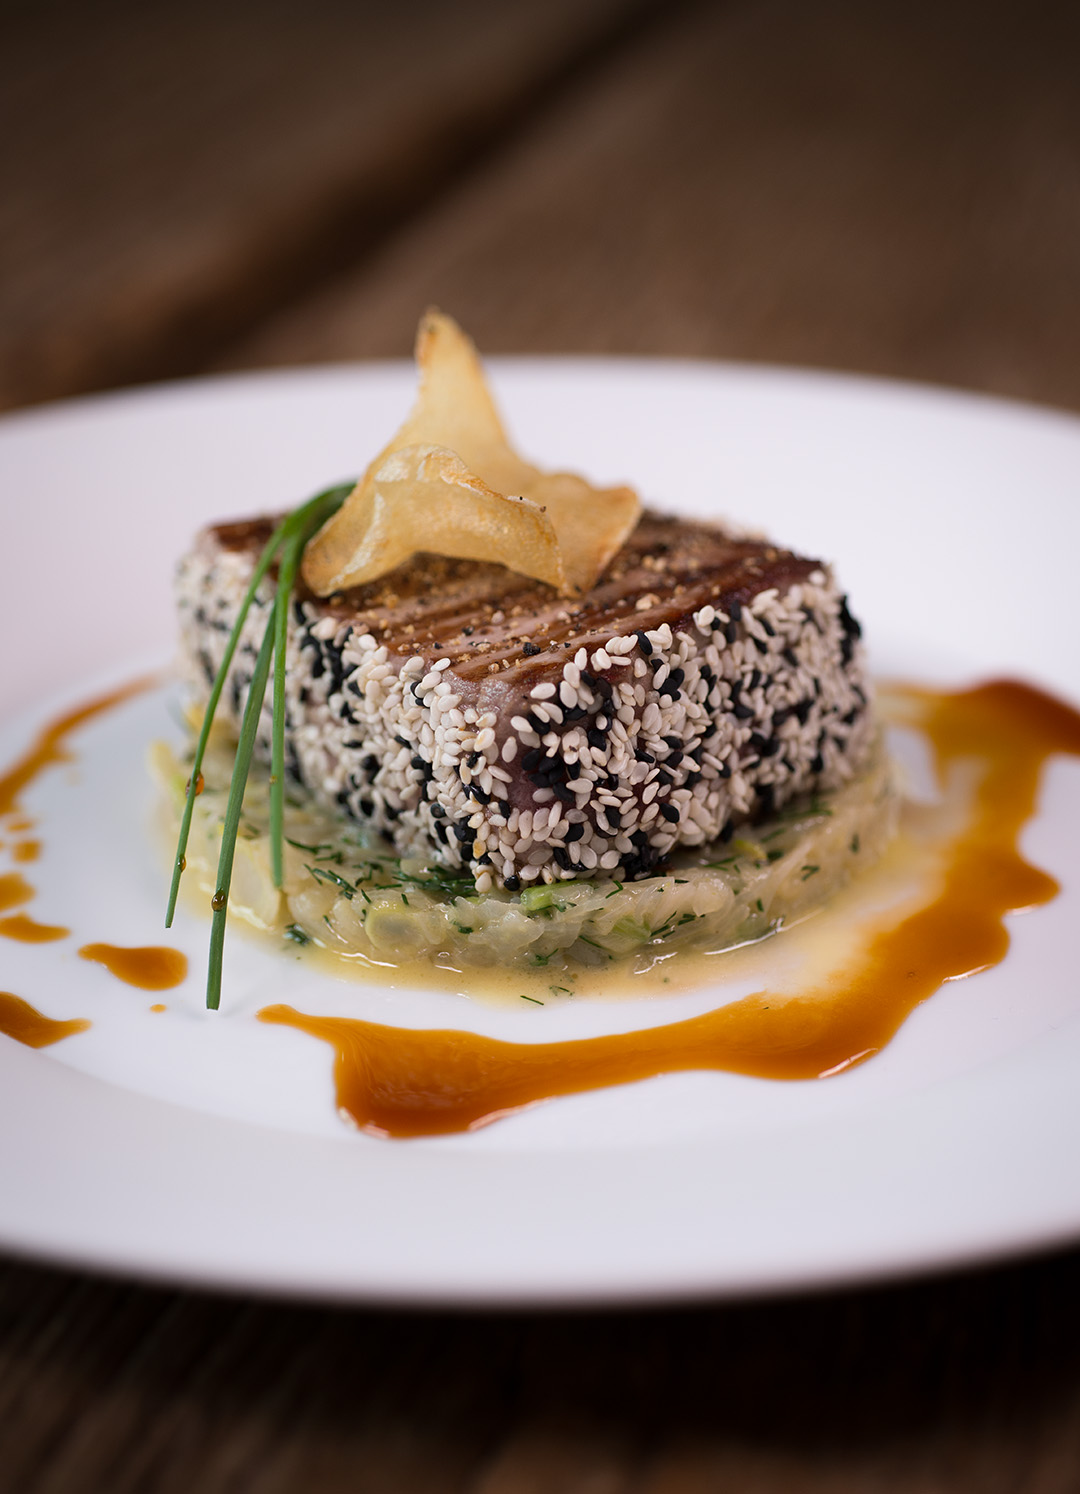 steak de thon aux graines de s same et au fenouil la banque de luxembourg avec werner wagner. Black Bedroom Furniture Sets. Home Design Ideas